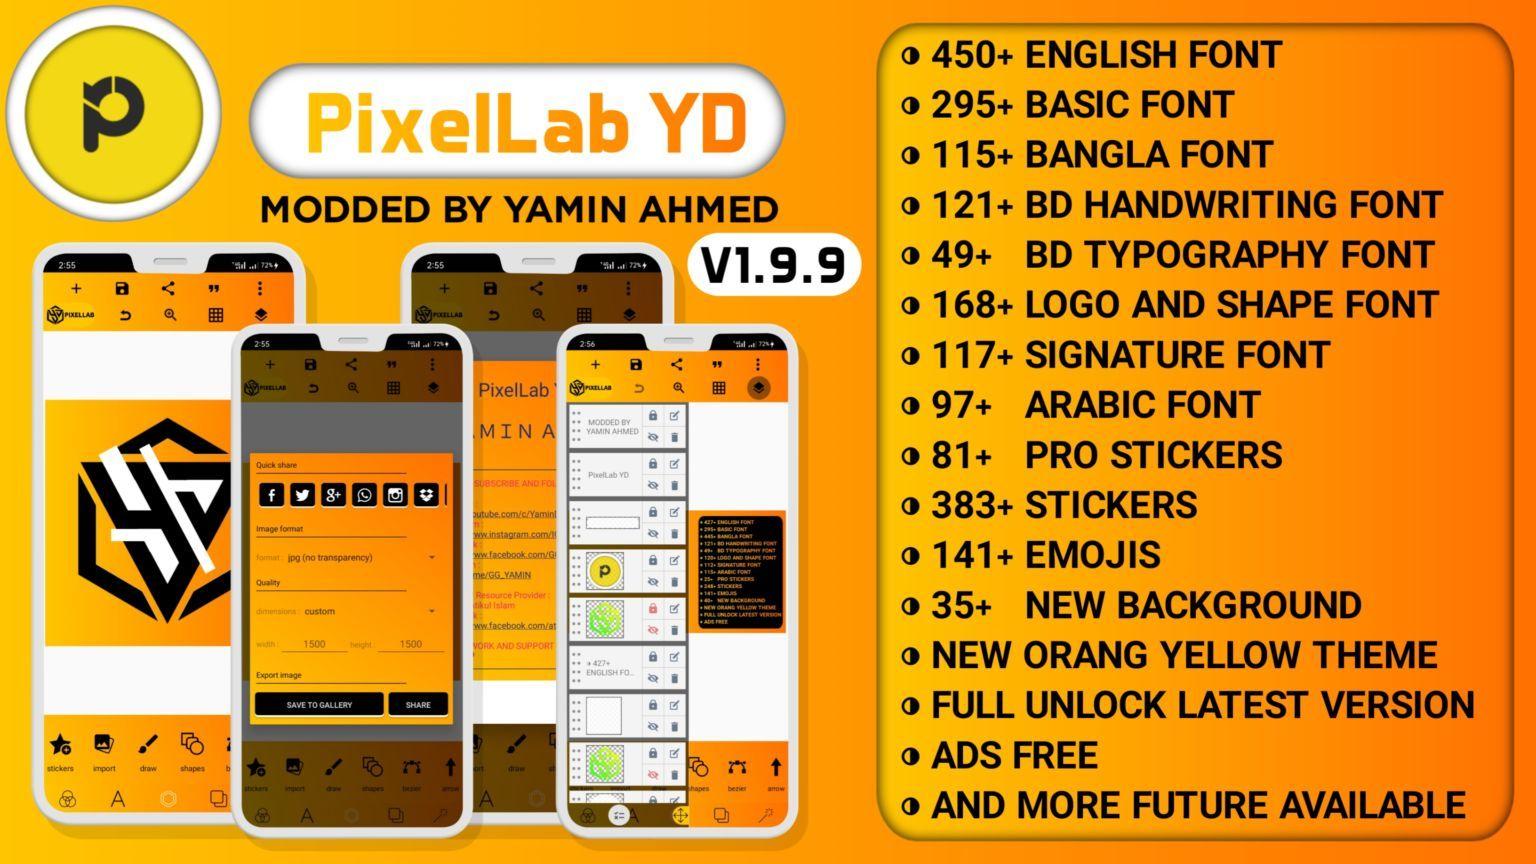 ডাউনলোড করে নিন PixelLab YD V1.9.9 আপডেট ভার্সন সাথে থাকছে অনেক ফিচার বিস্তারিত পোস্টে